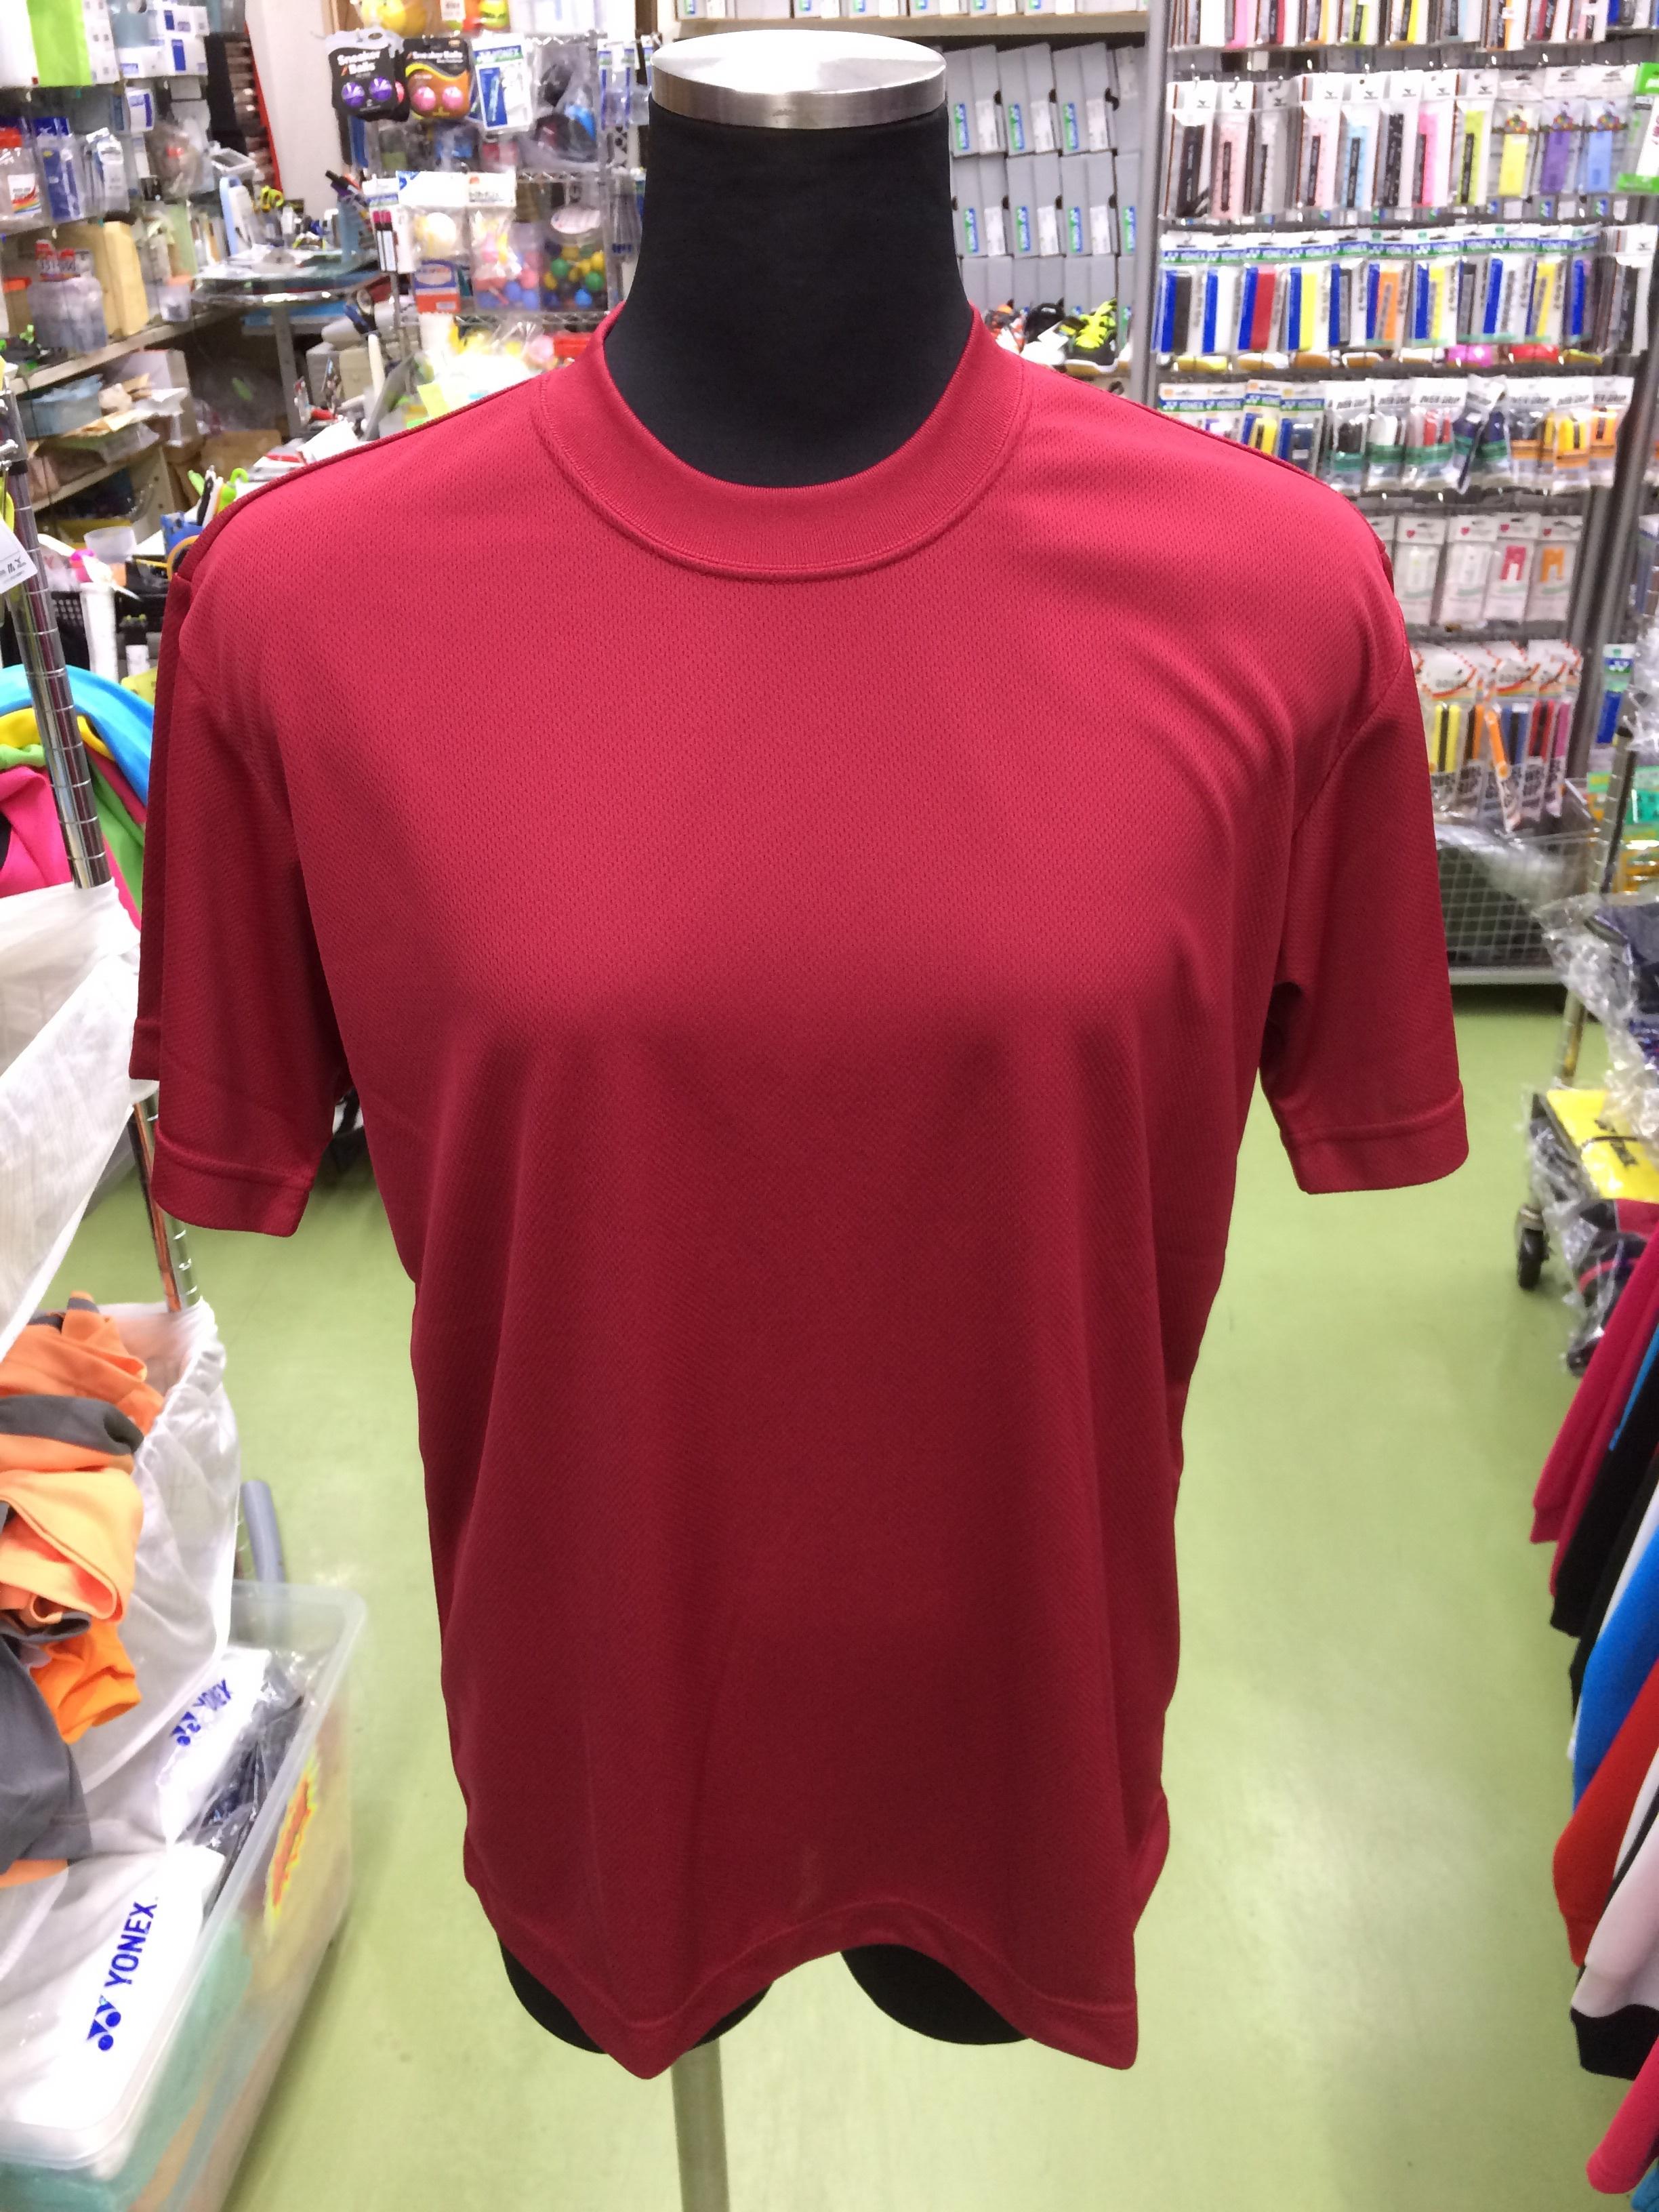 ミズノ Tシャツ A75T M-84061 - 画像1